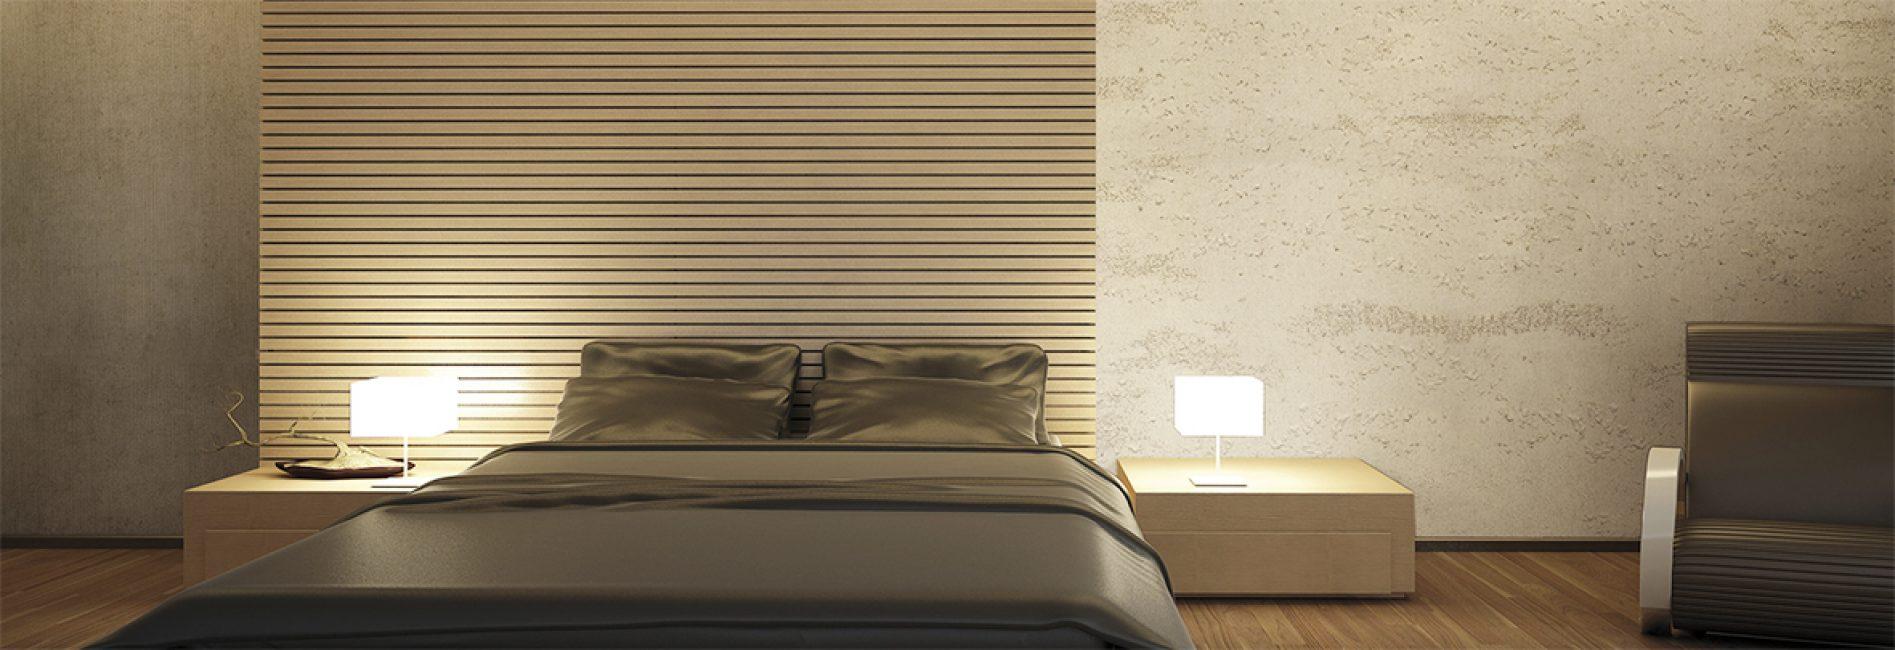 Işık ve göze çarpmayan renkler yatak odası için uygundur.